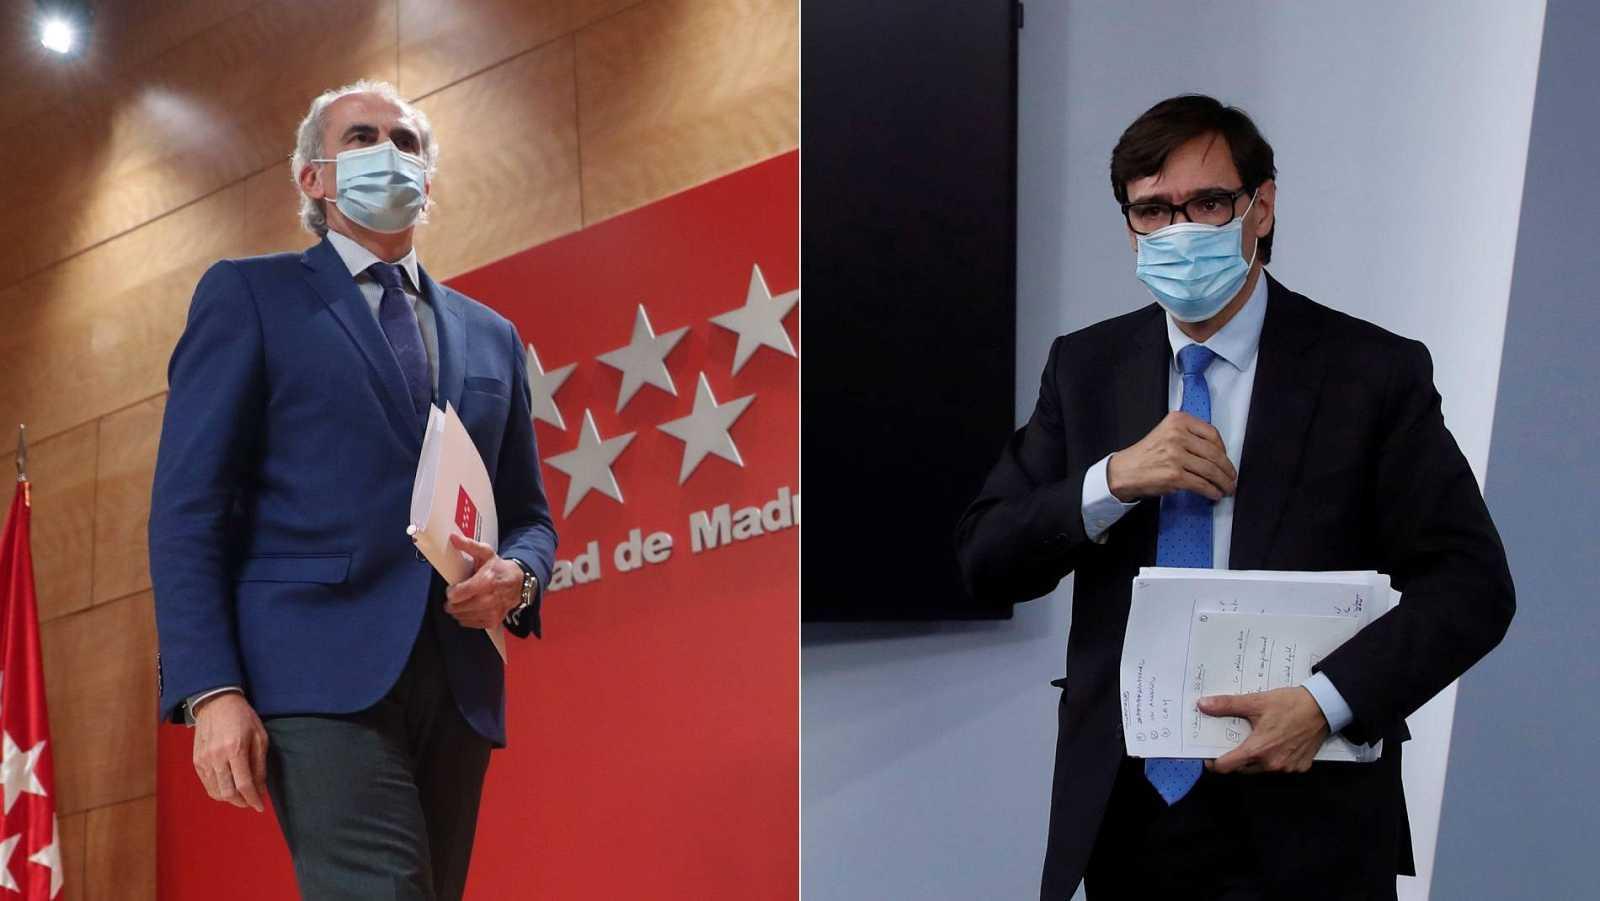 El consejero de Sanidad de la Comunidad de Madrid, Enrique Ruiz Escudero, frente al ministro de Sanidad, Salvador Illa